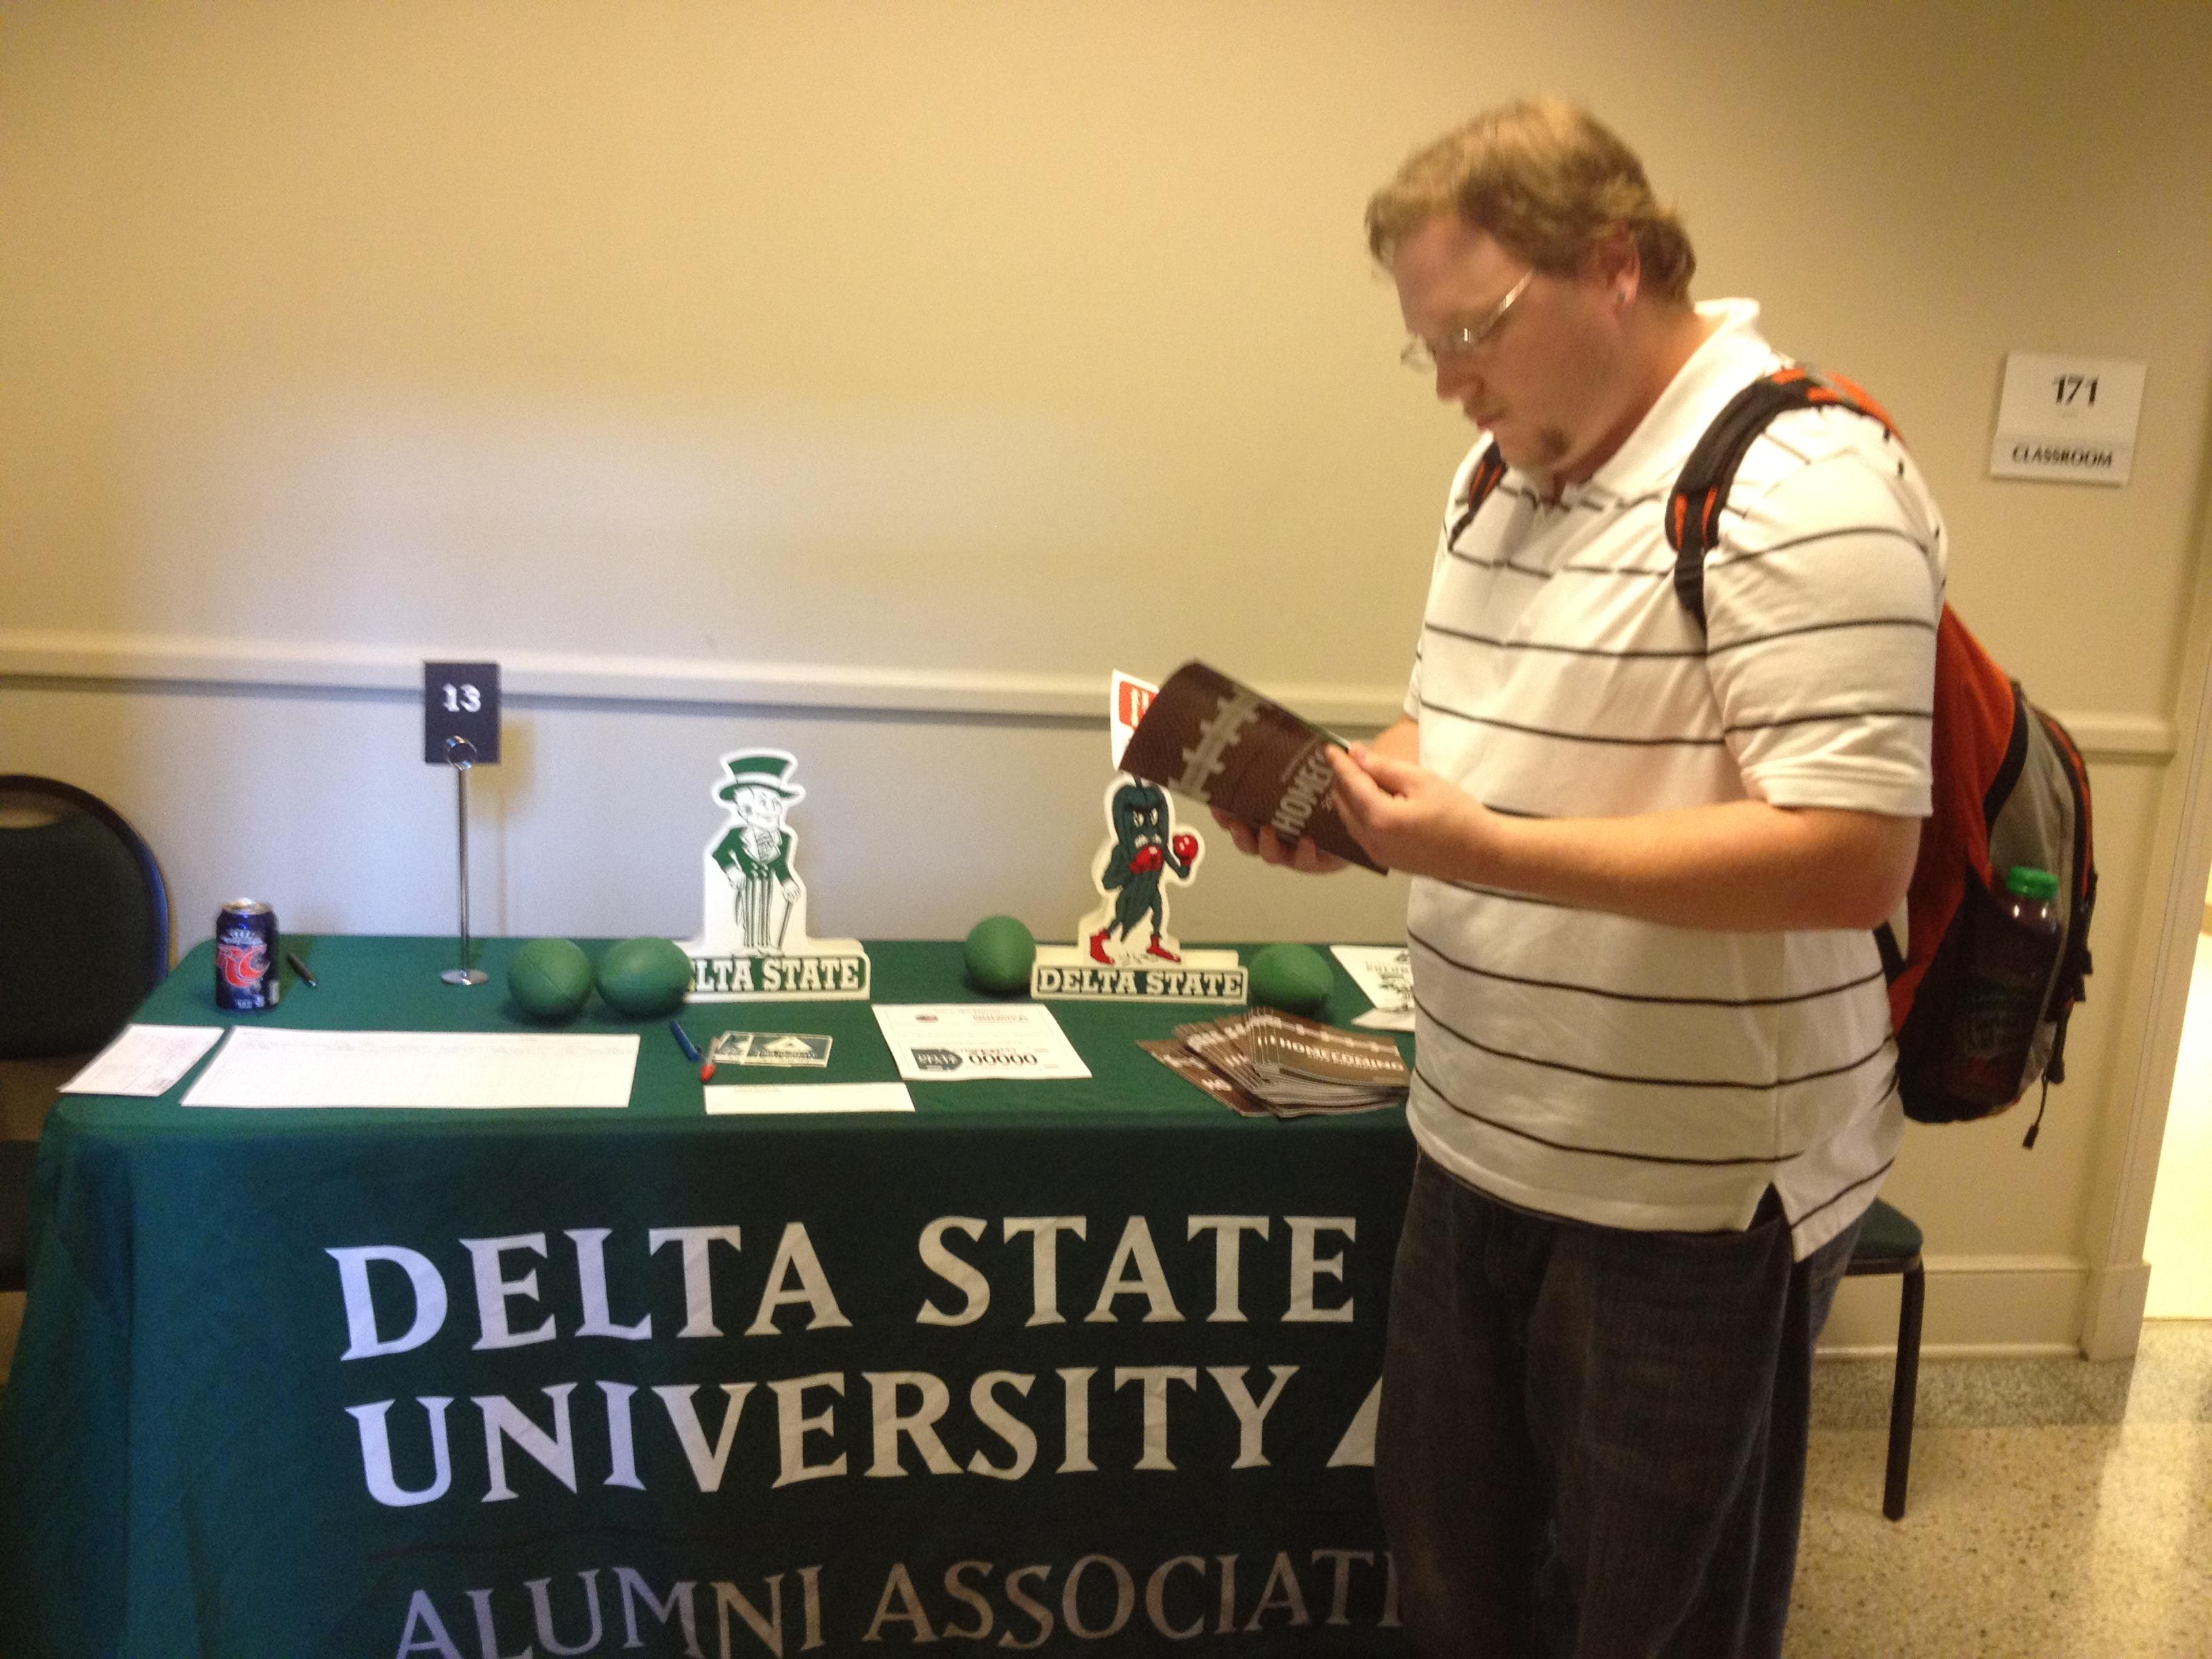 delta state alumni association participates in career fair